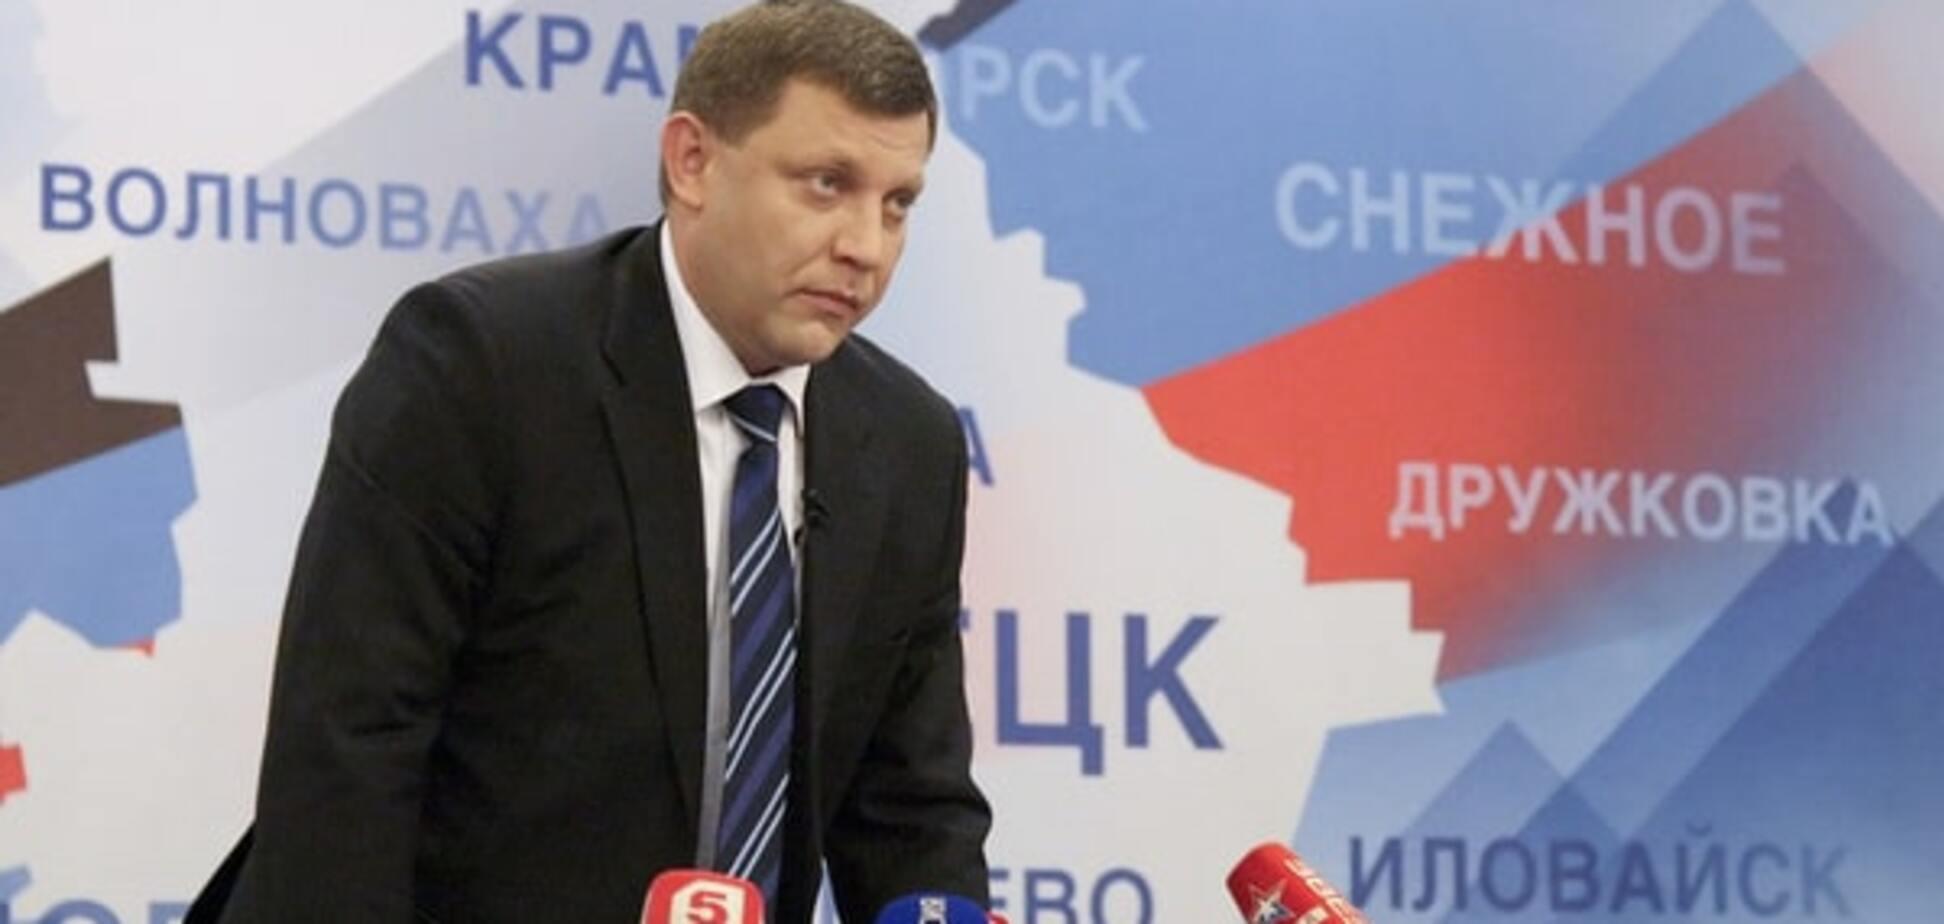 Налякав: Захарченко ввів 'персональні санкції' проти Порошенка